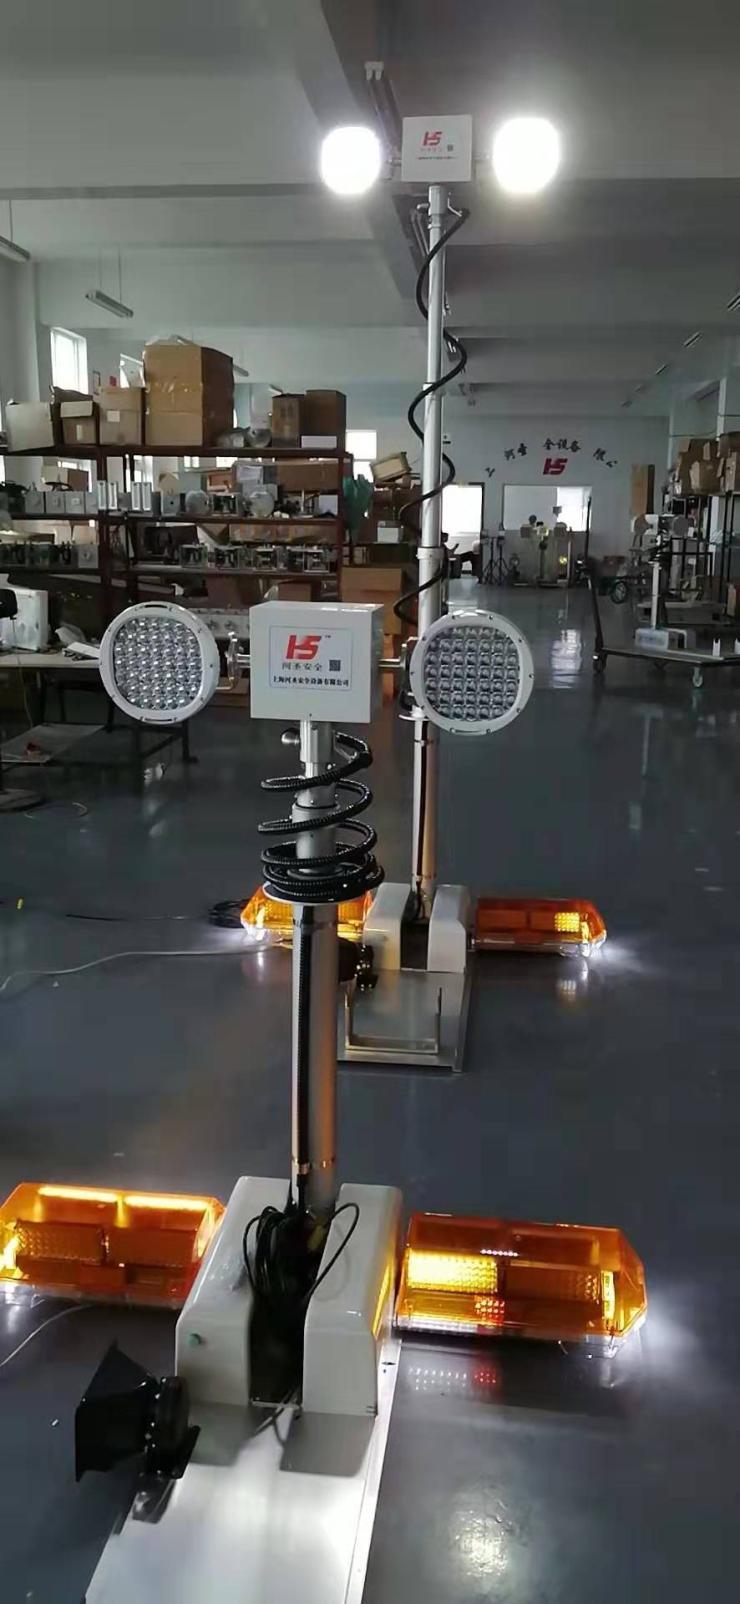 升降照明灯车载的升降照明灯河圣公司上海河圣价格